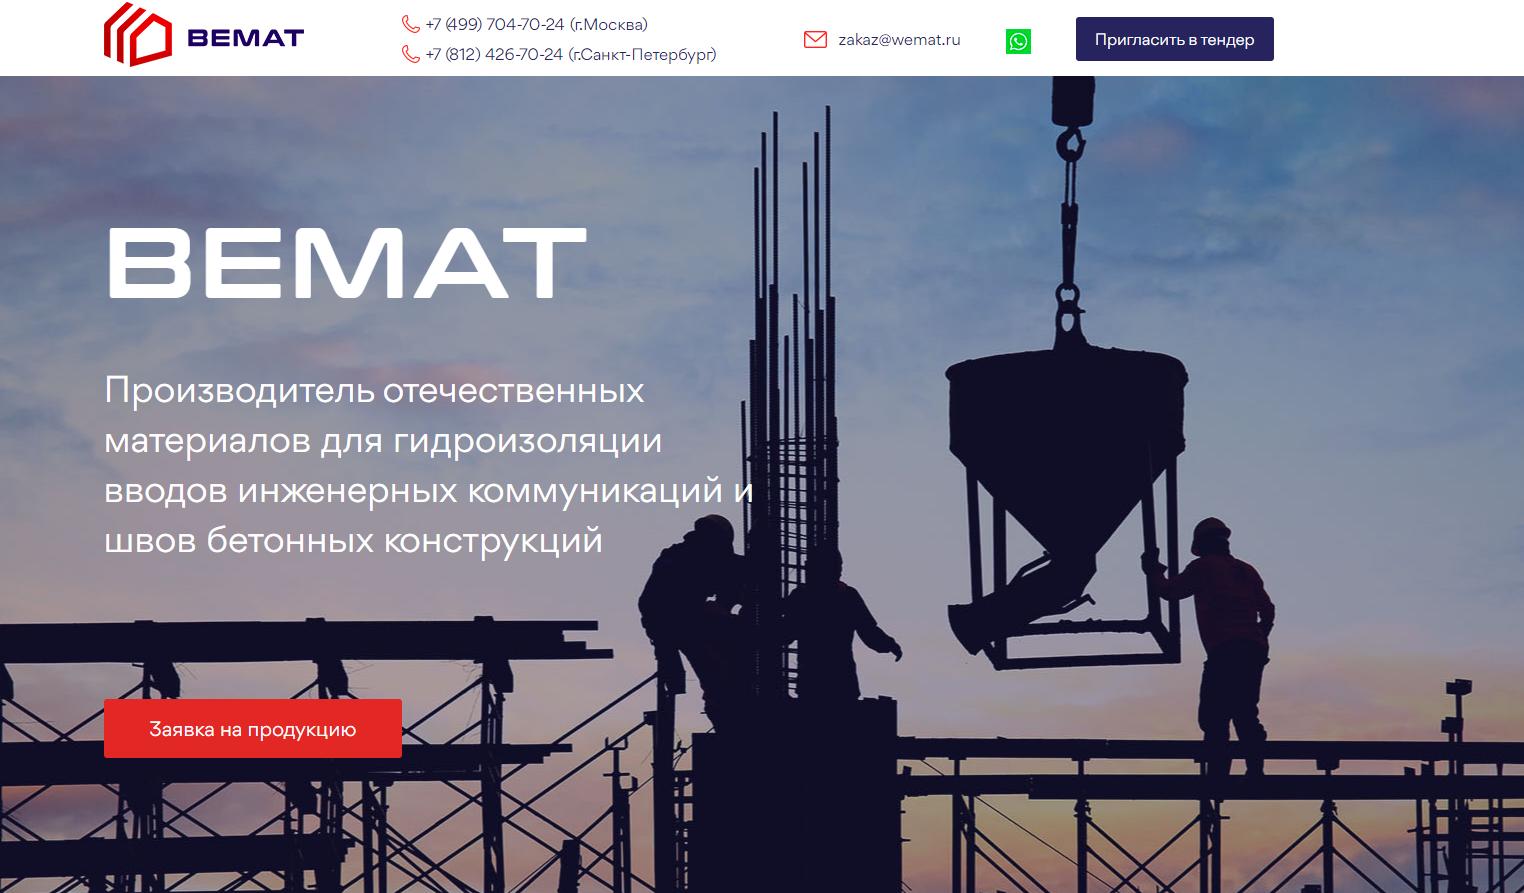 главная страница сайта проекта Рудольфа Новожилова